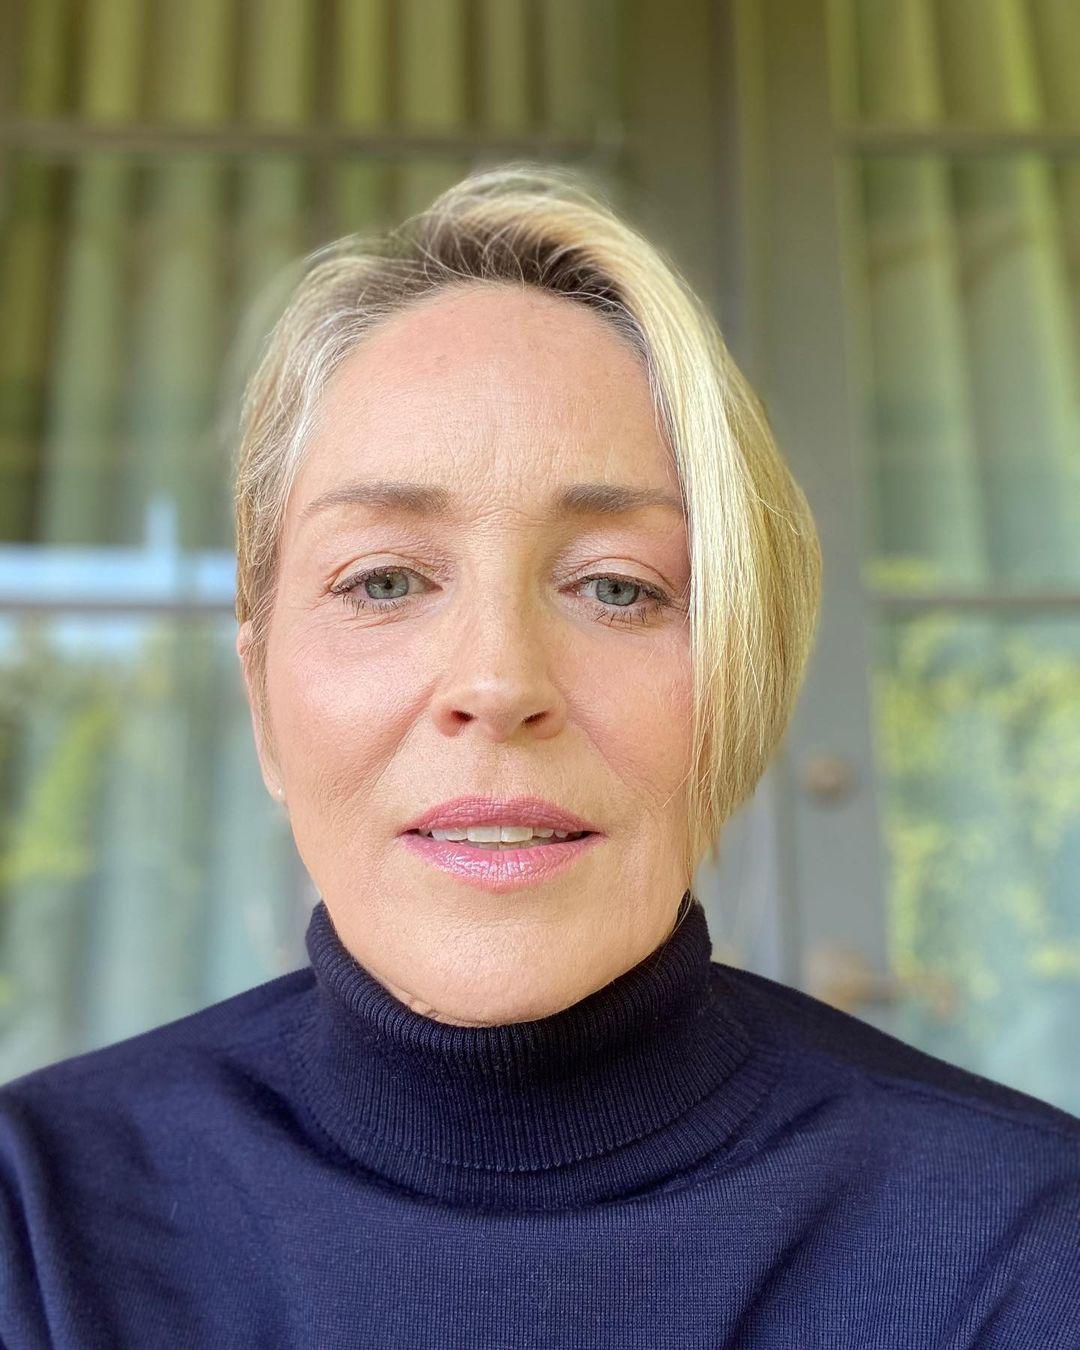 О жизни после инсульта и домашнем насилии: в свет вышли мемуары Шэрон Стоун